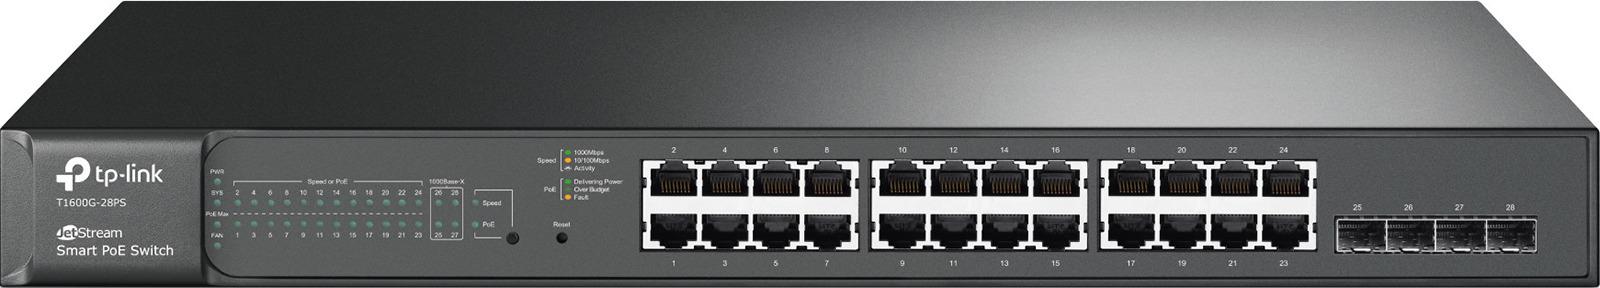 Коммутатор TP-Link T1600G-28PS, управляемый